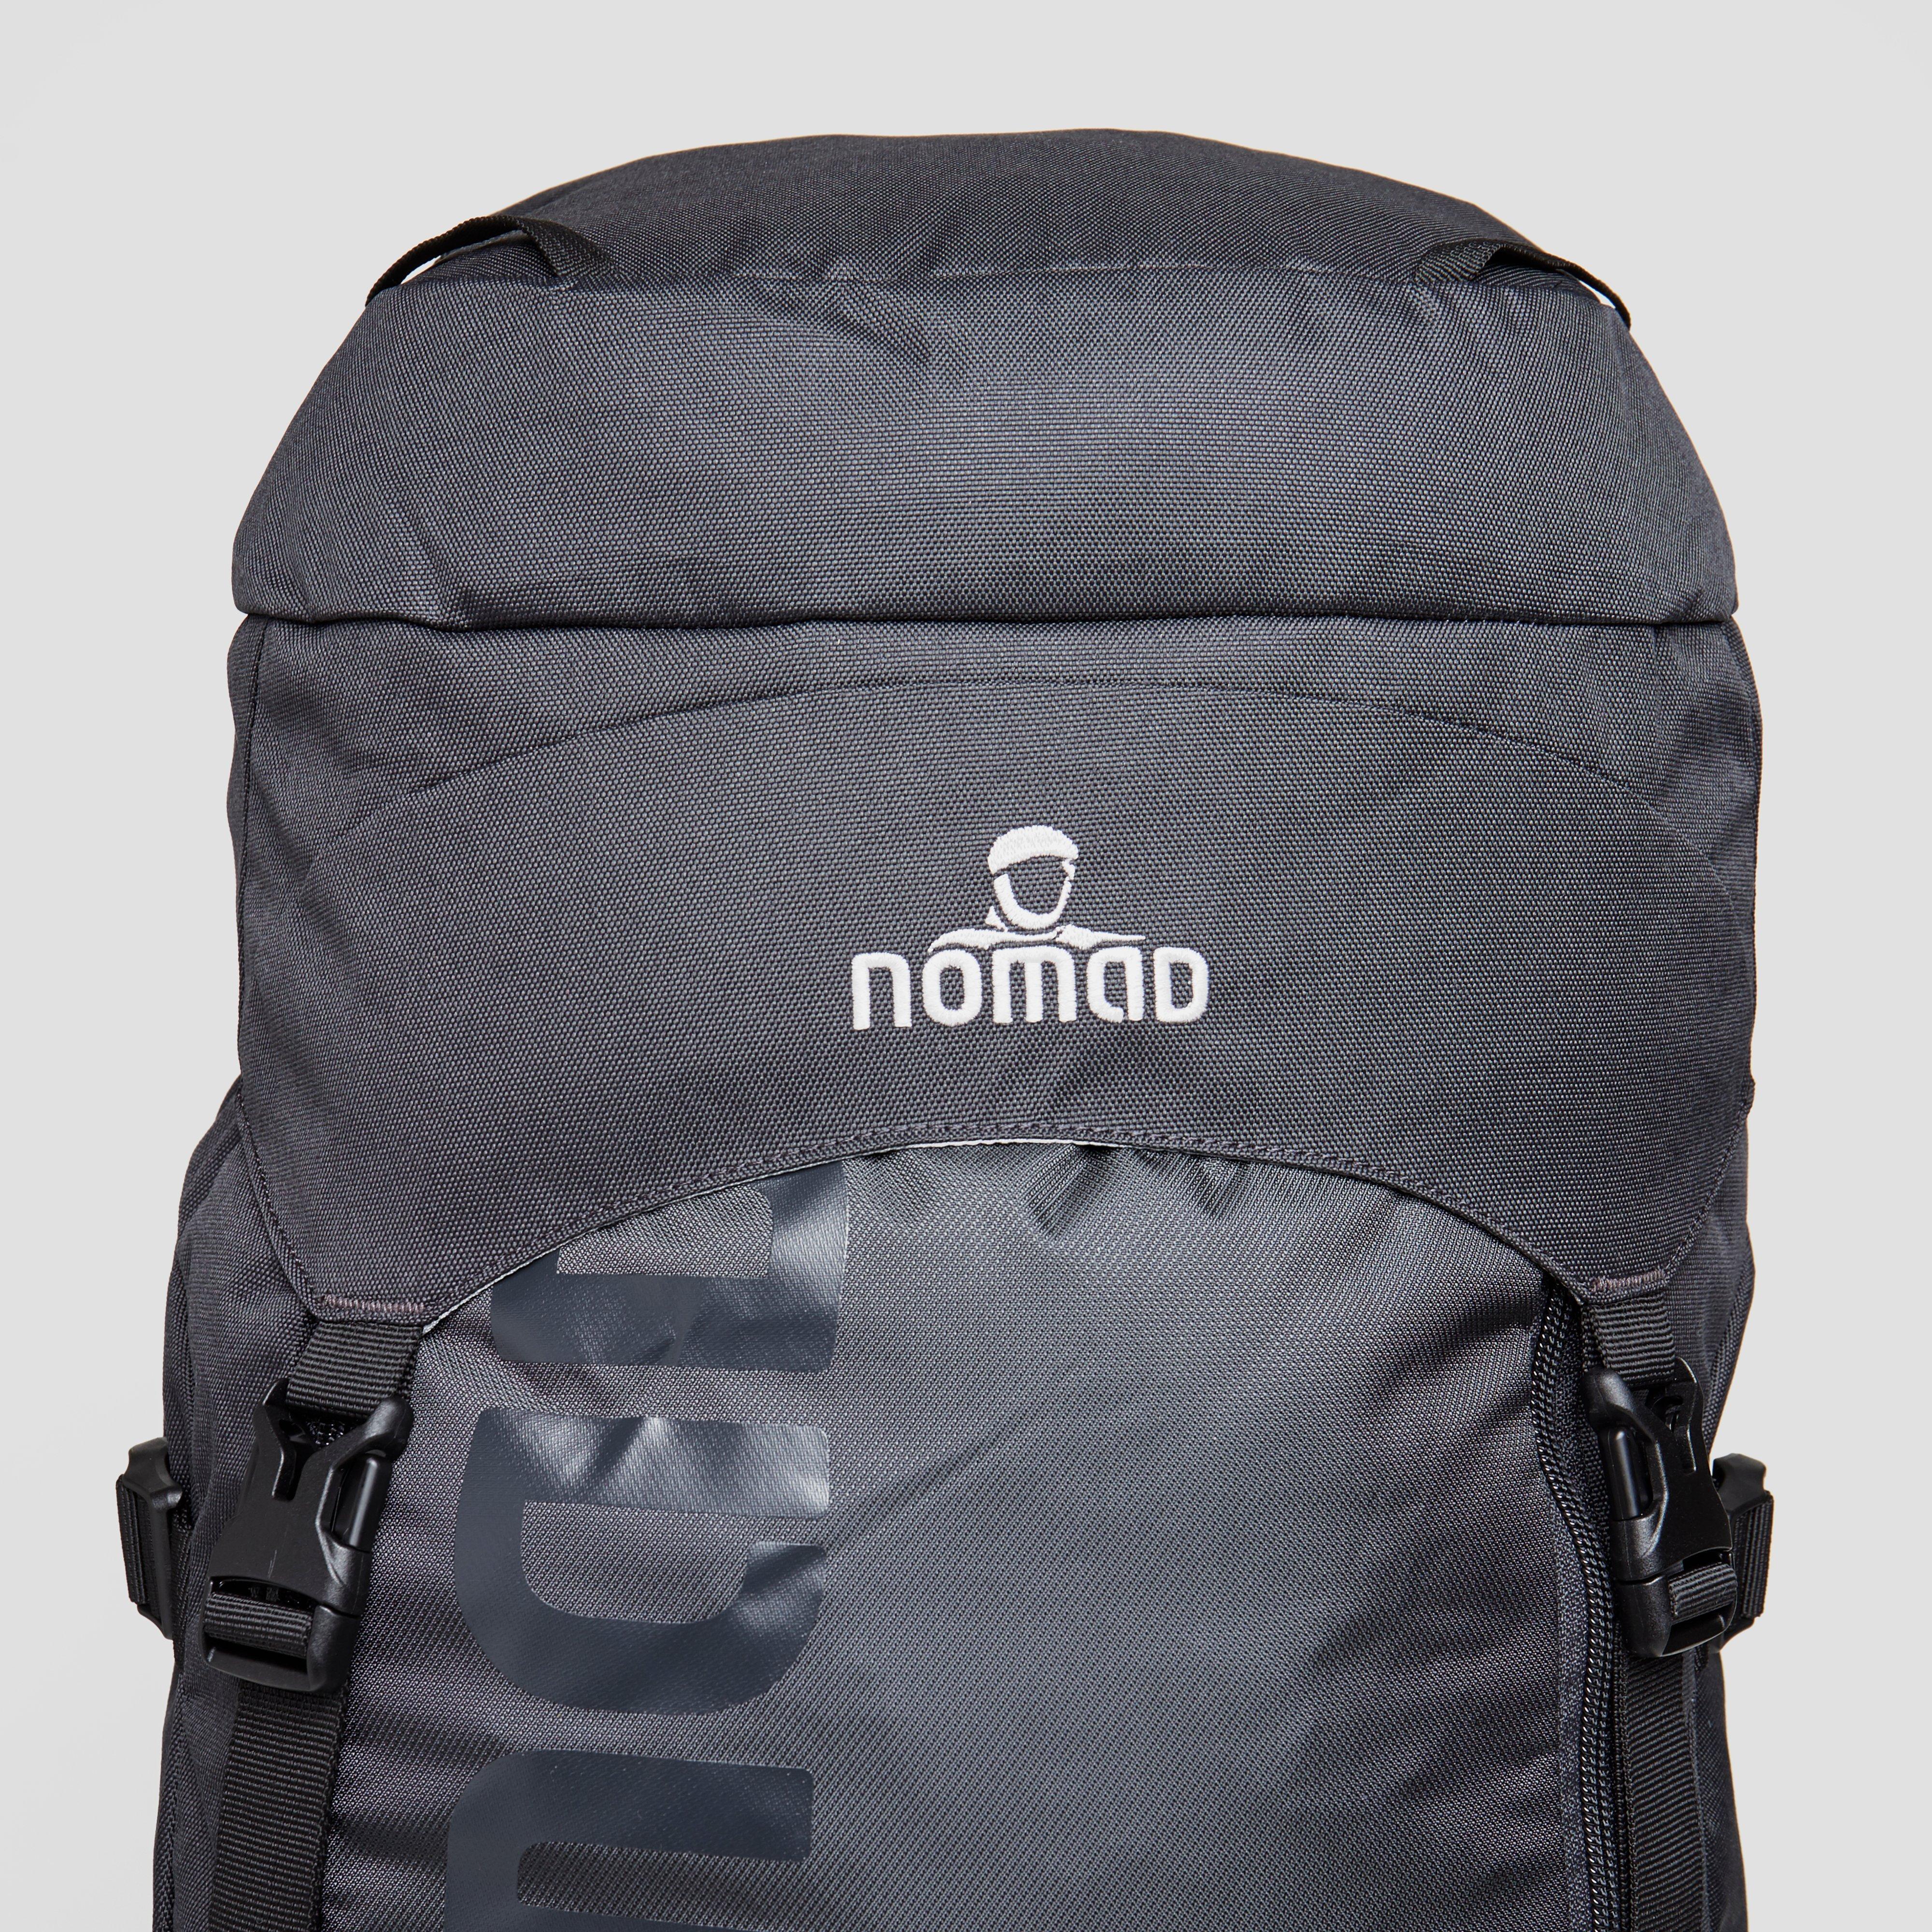 NOMAD BATURA BACKPACK 55 LITER GRIJS